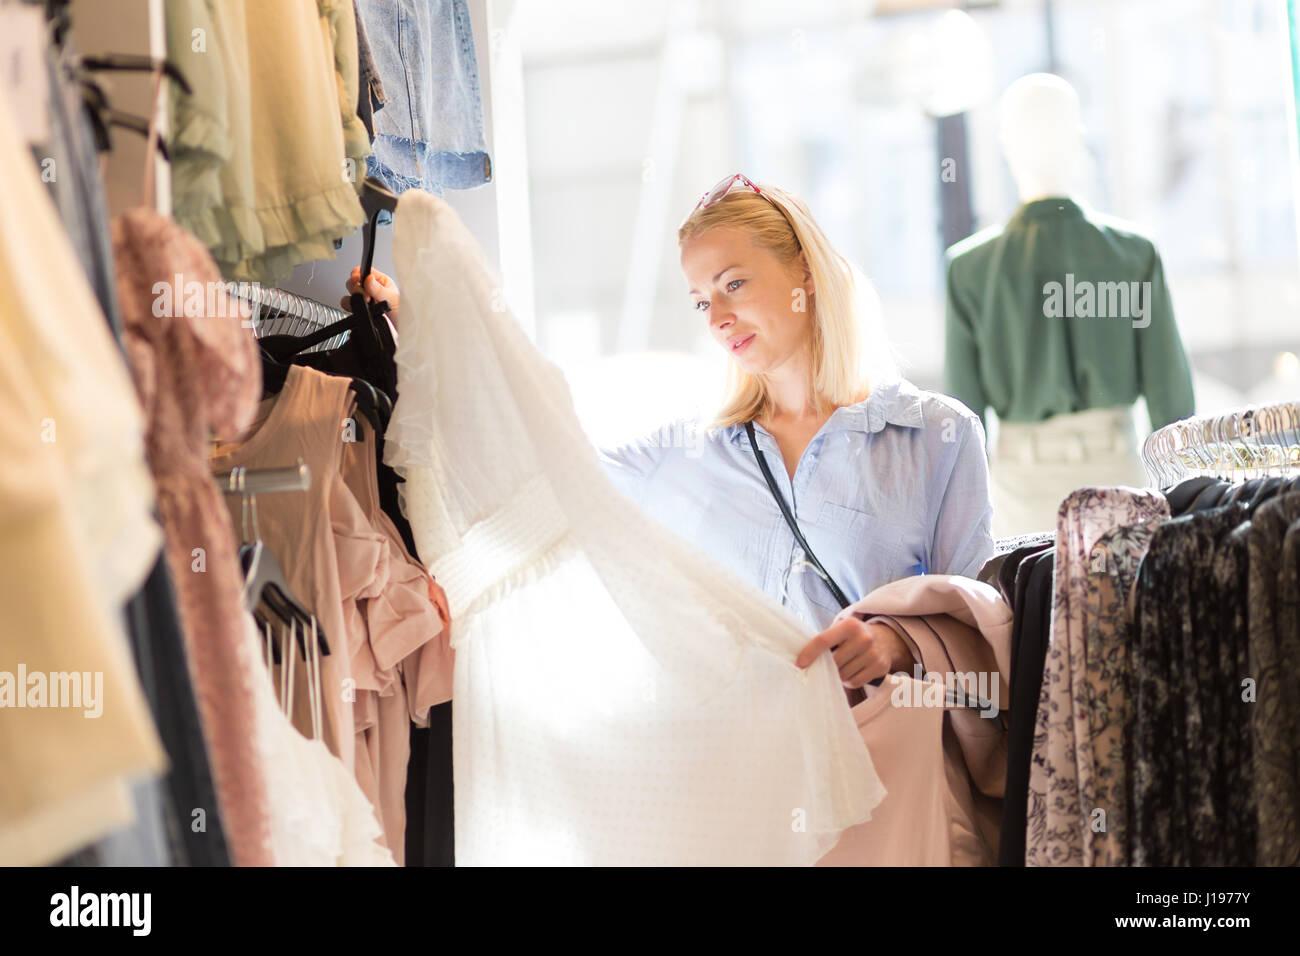 Bella mujer comprar ropa de moda en la tienda de ropa. Imagen De Stock